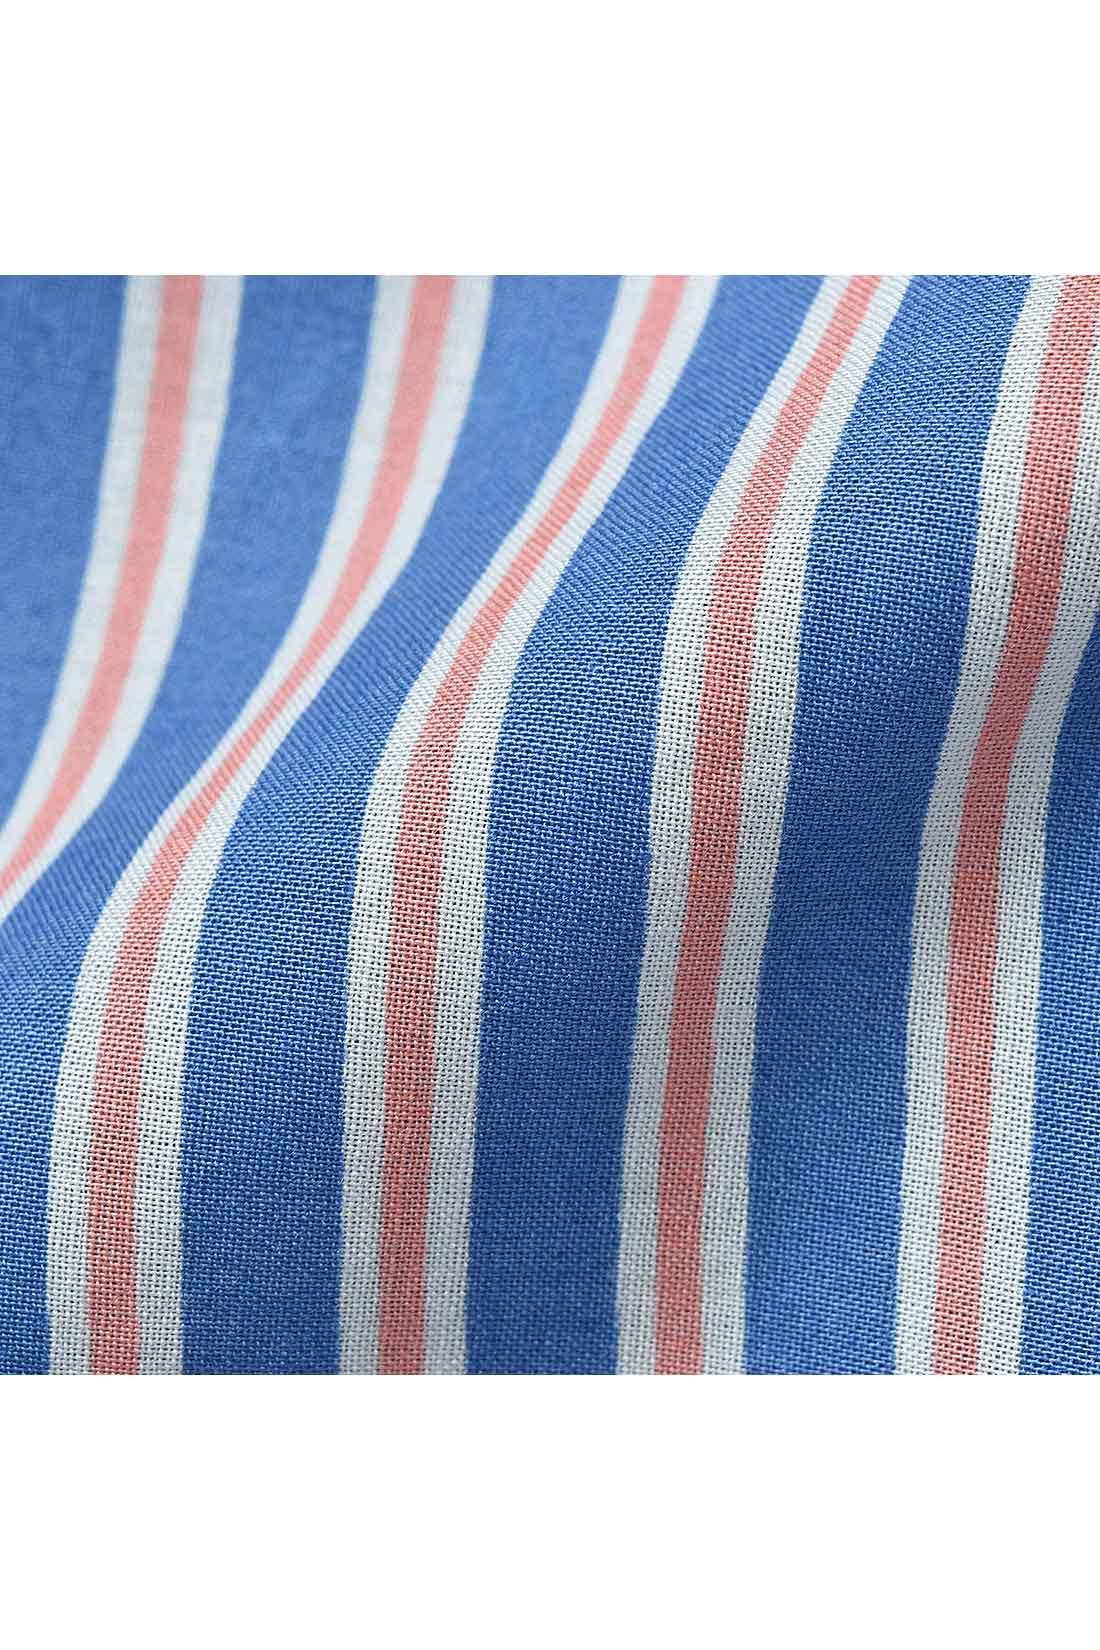 綿100%の布はく素材。